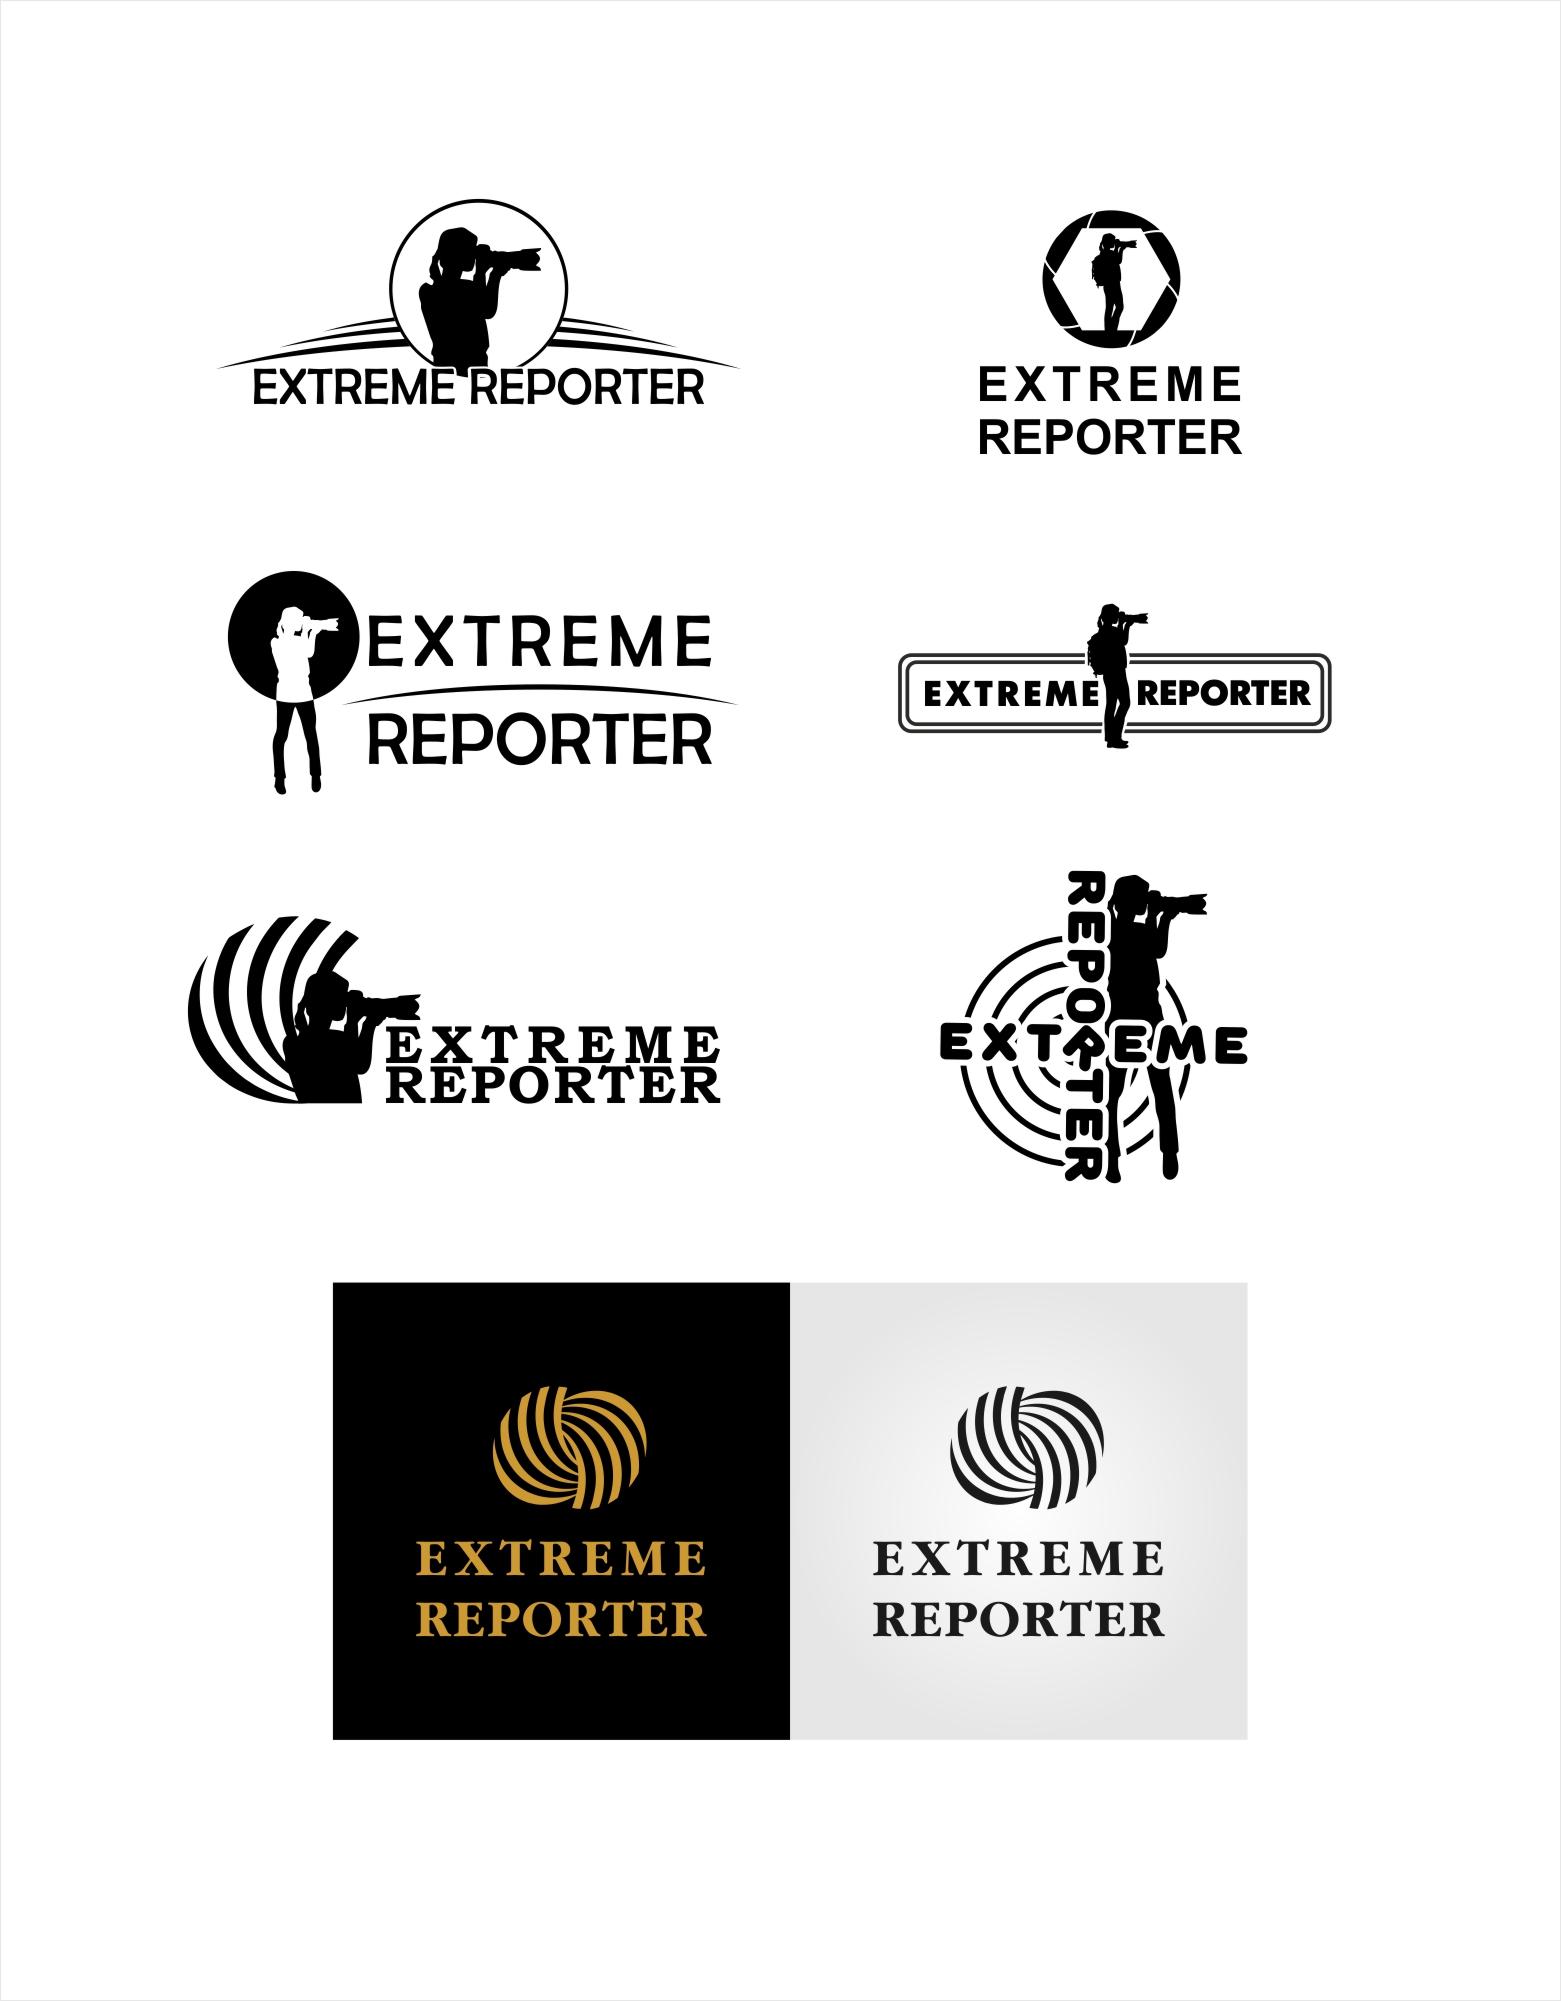 Логотип для экстрим фотографа.  фото f_6415a5392d4b8b3d.jpg